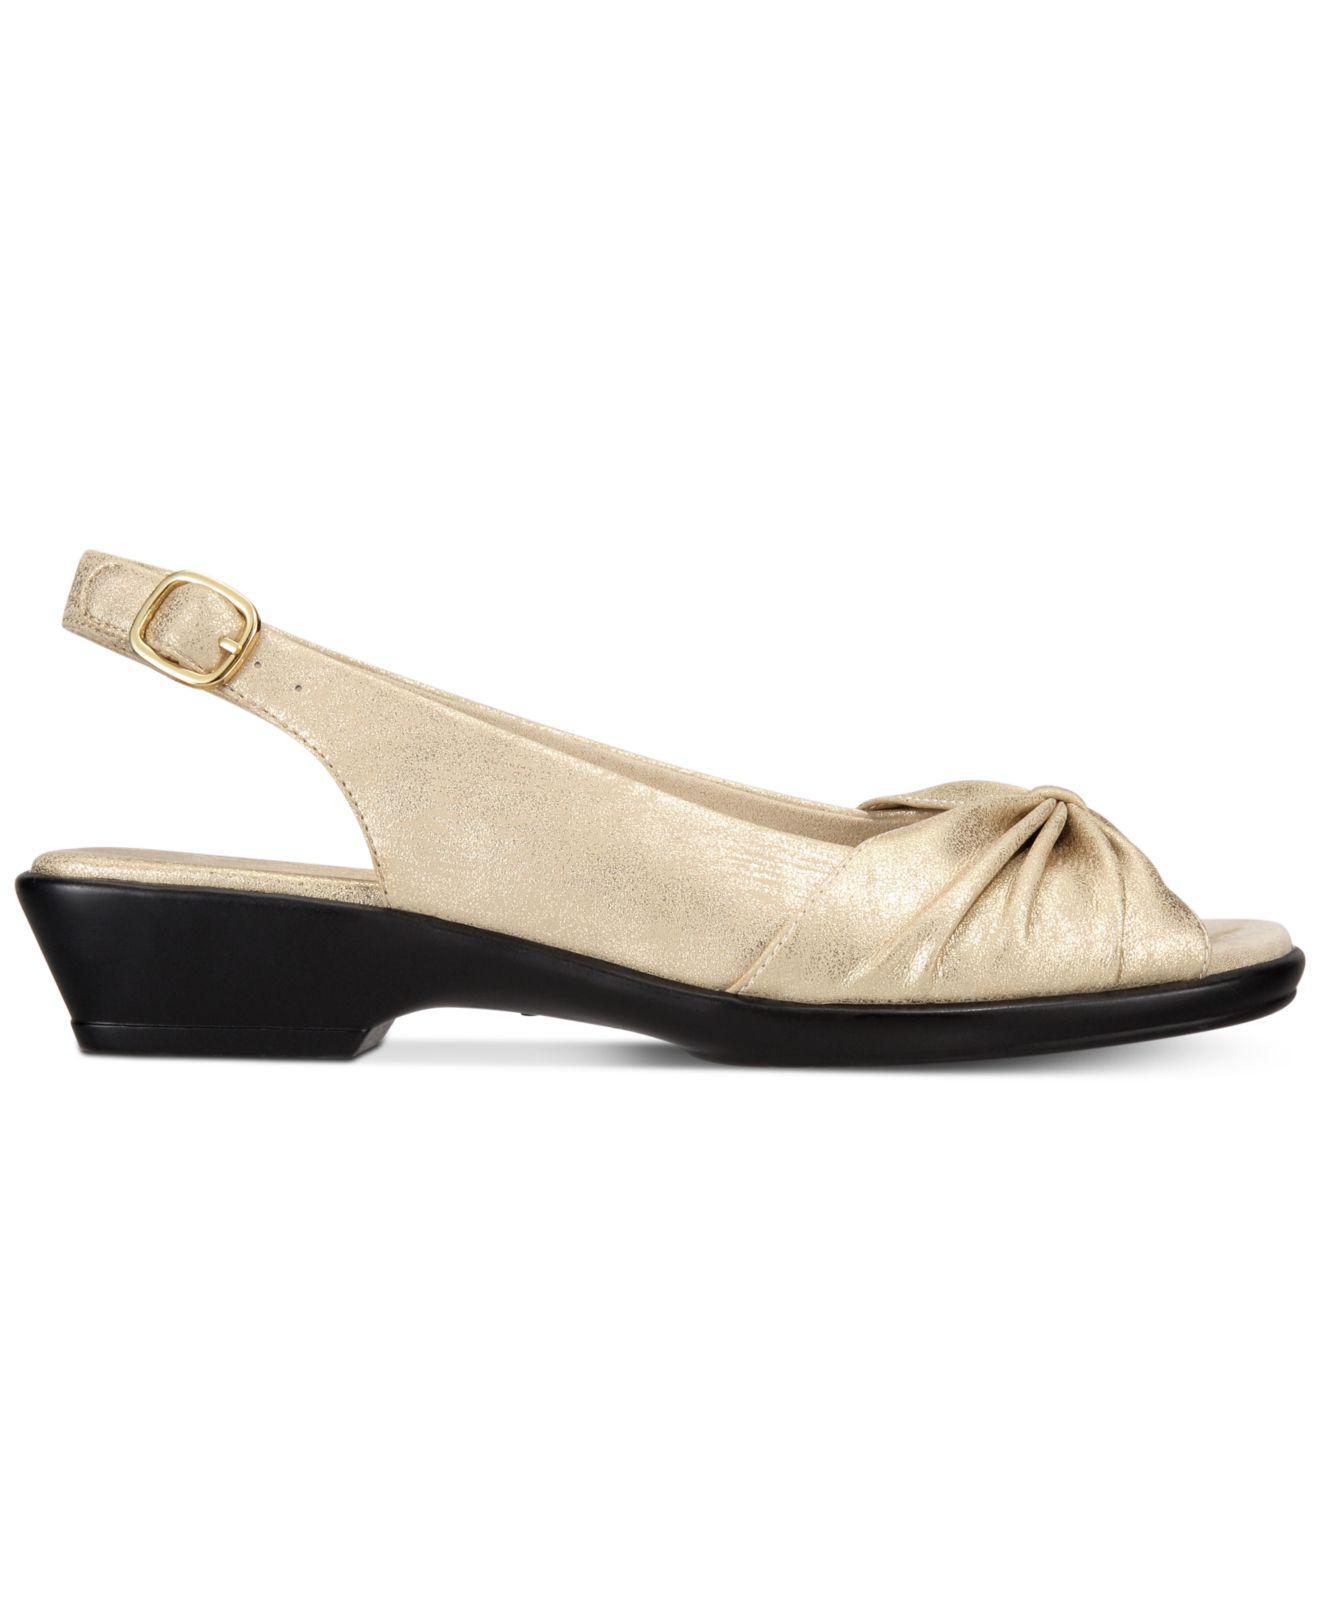 fd843179ab4 Lyst - Easy Street Fantasia Sandals